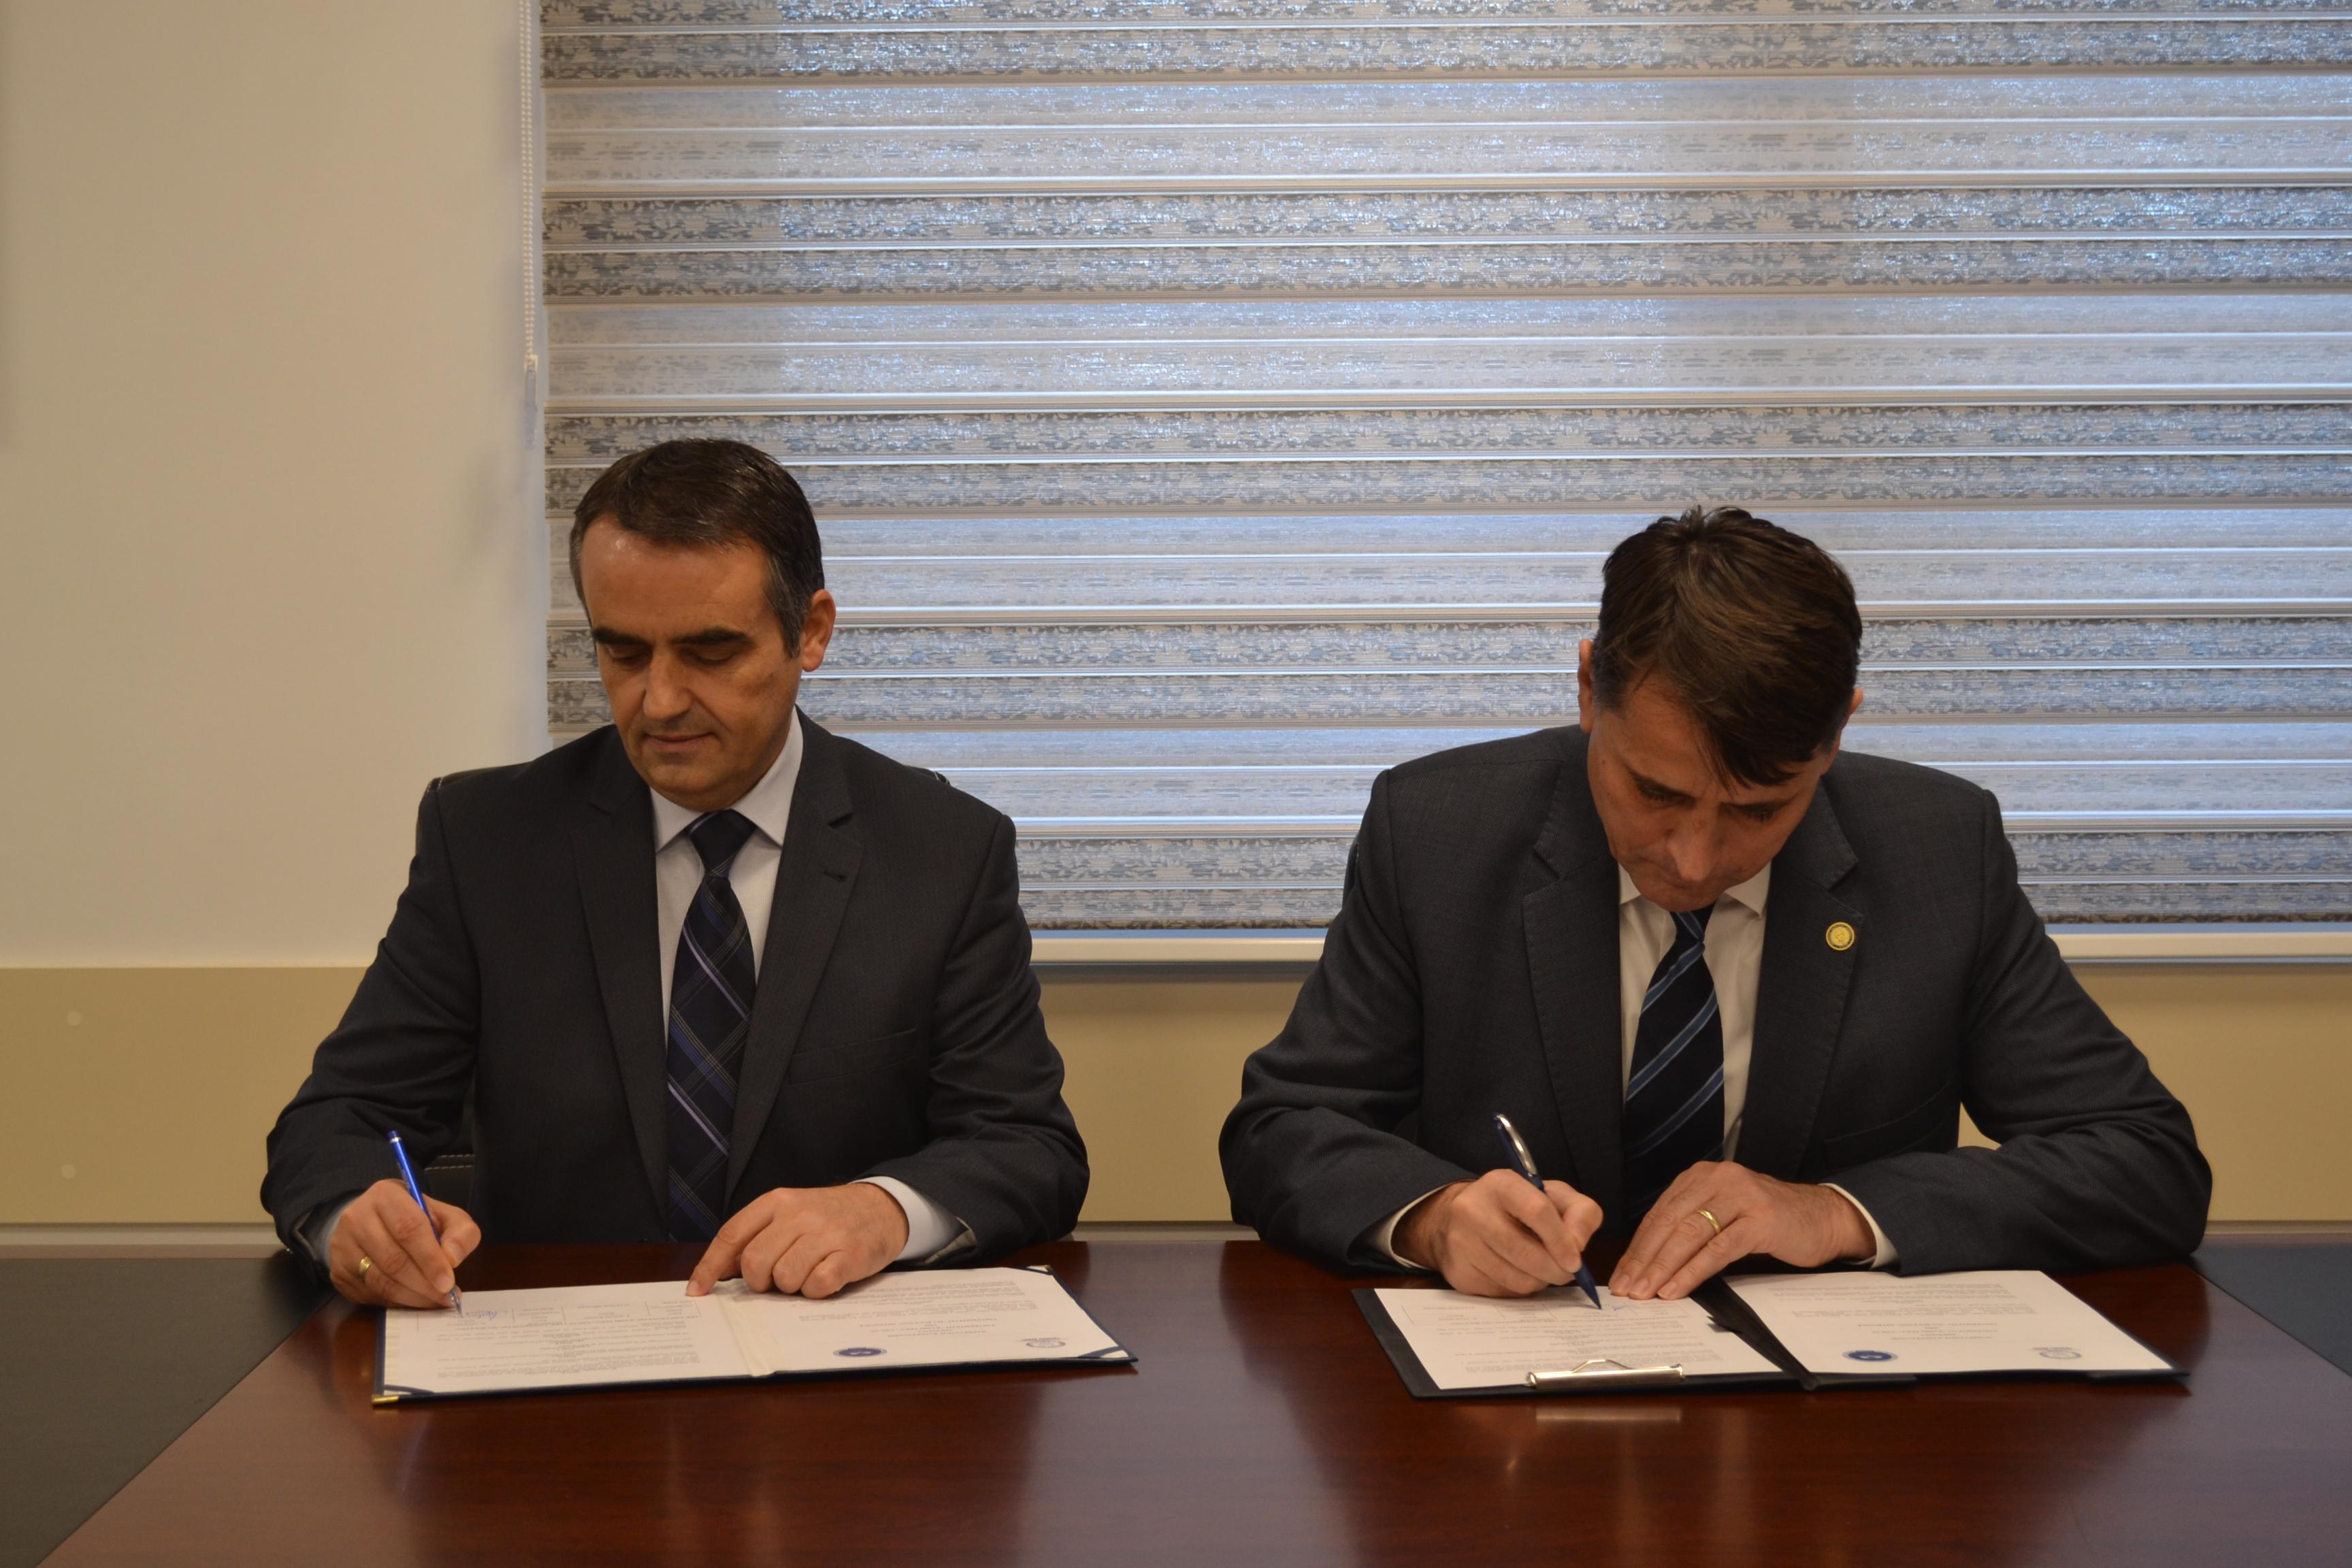 Marrëveshje Bashkëpunimi Me Universitetin E Gjilanit